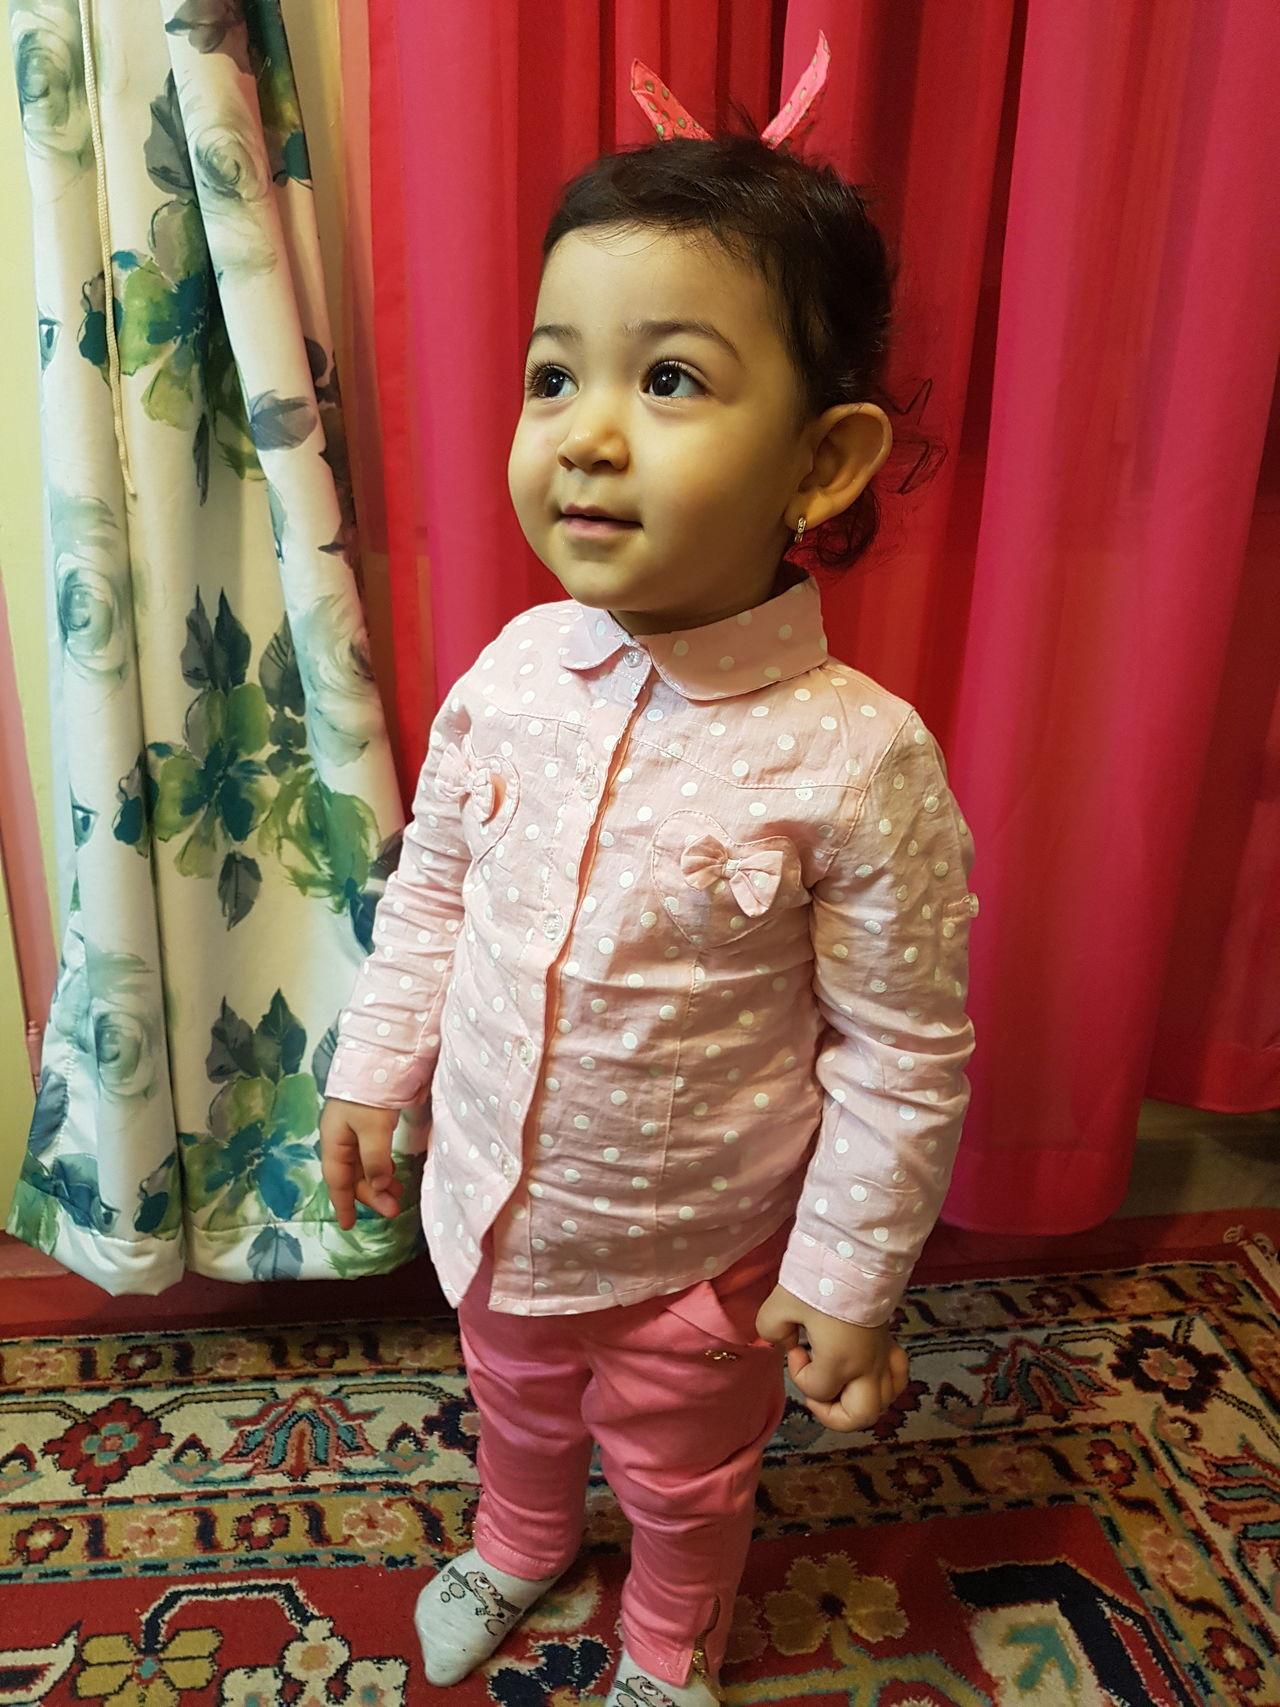 Childhood Baby People Day Indoors  Child One Person Lifestyles خنده لبخند دختر ناز عزیز عزیزترین عزیز مادر دختر